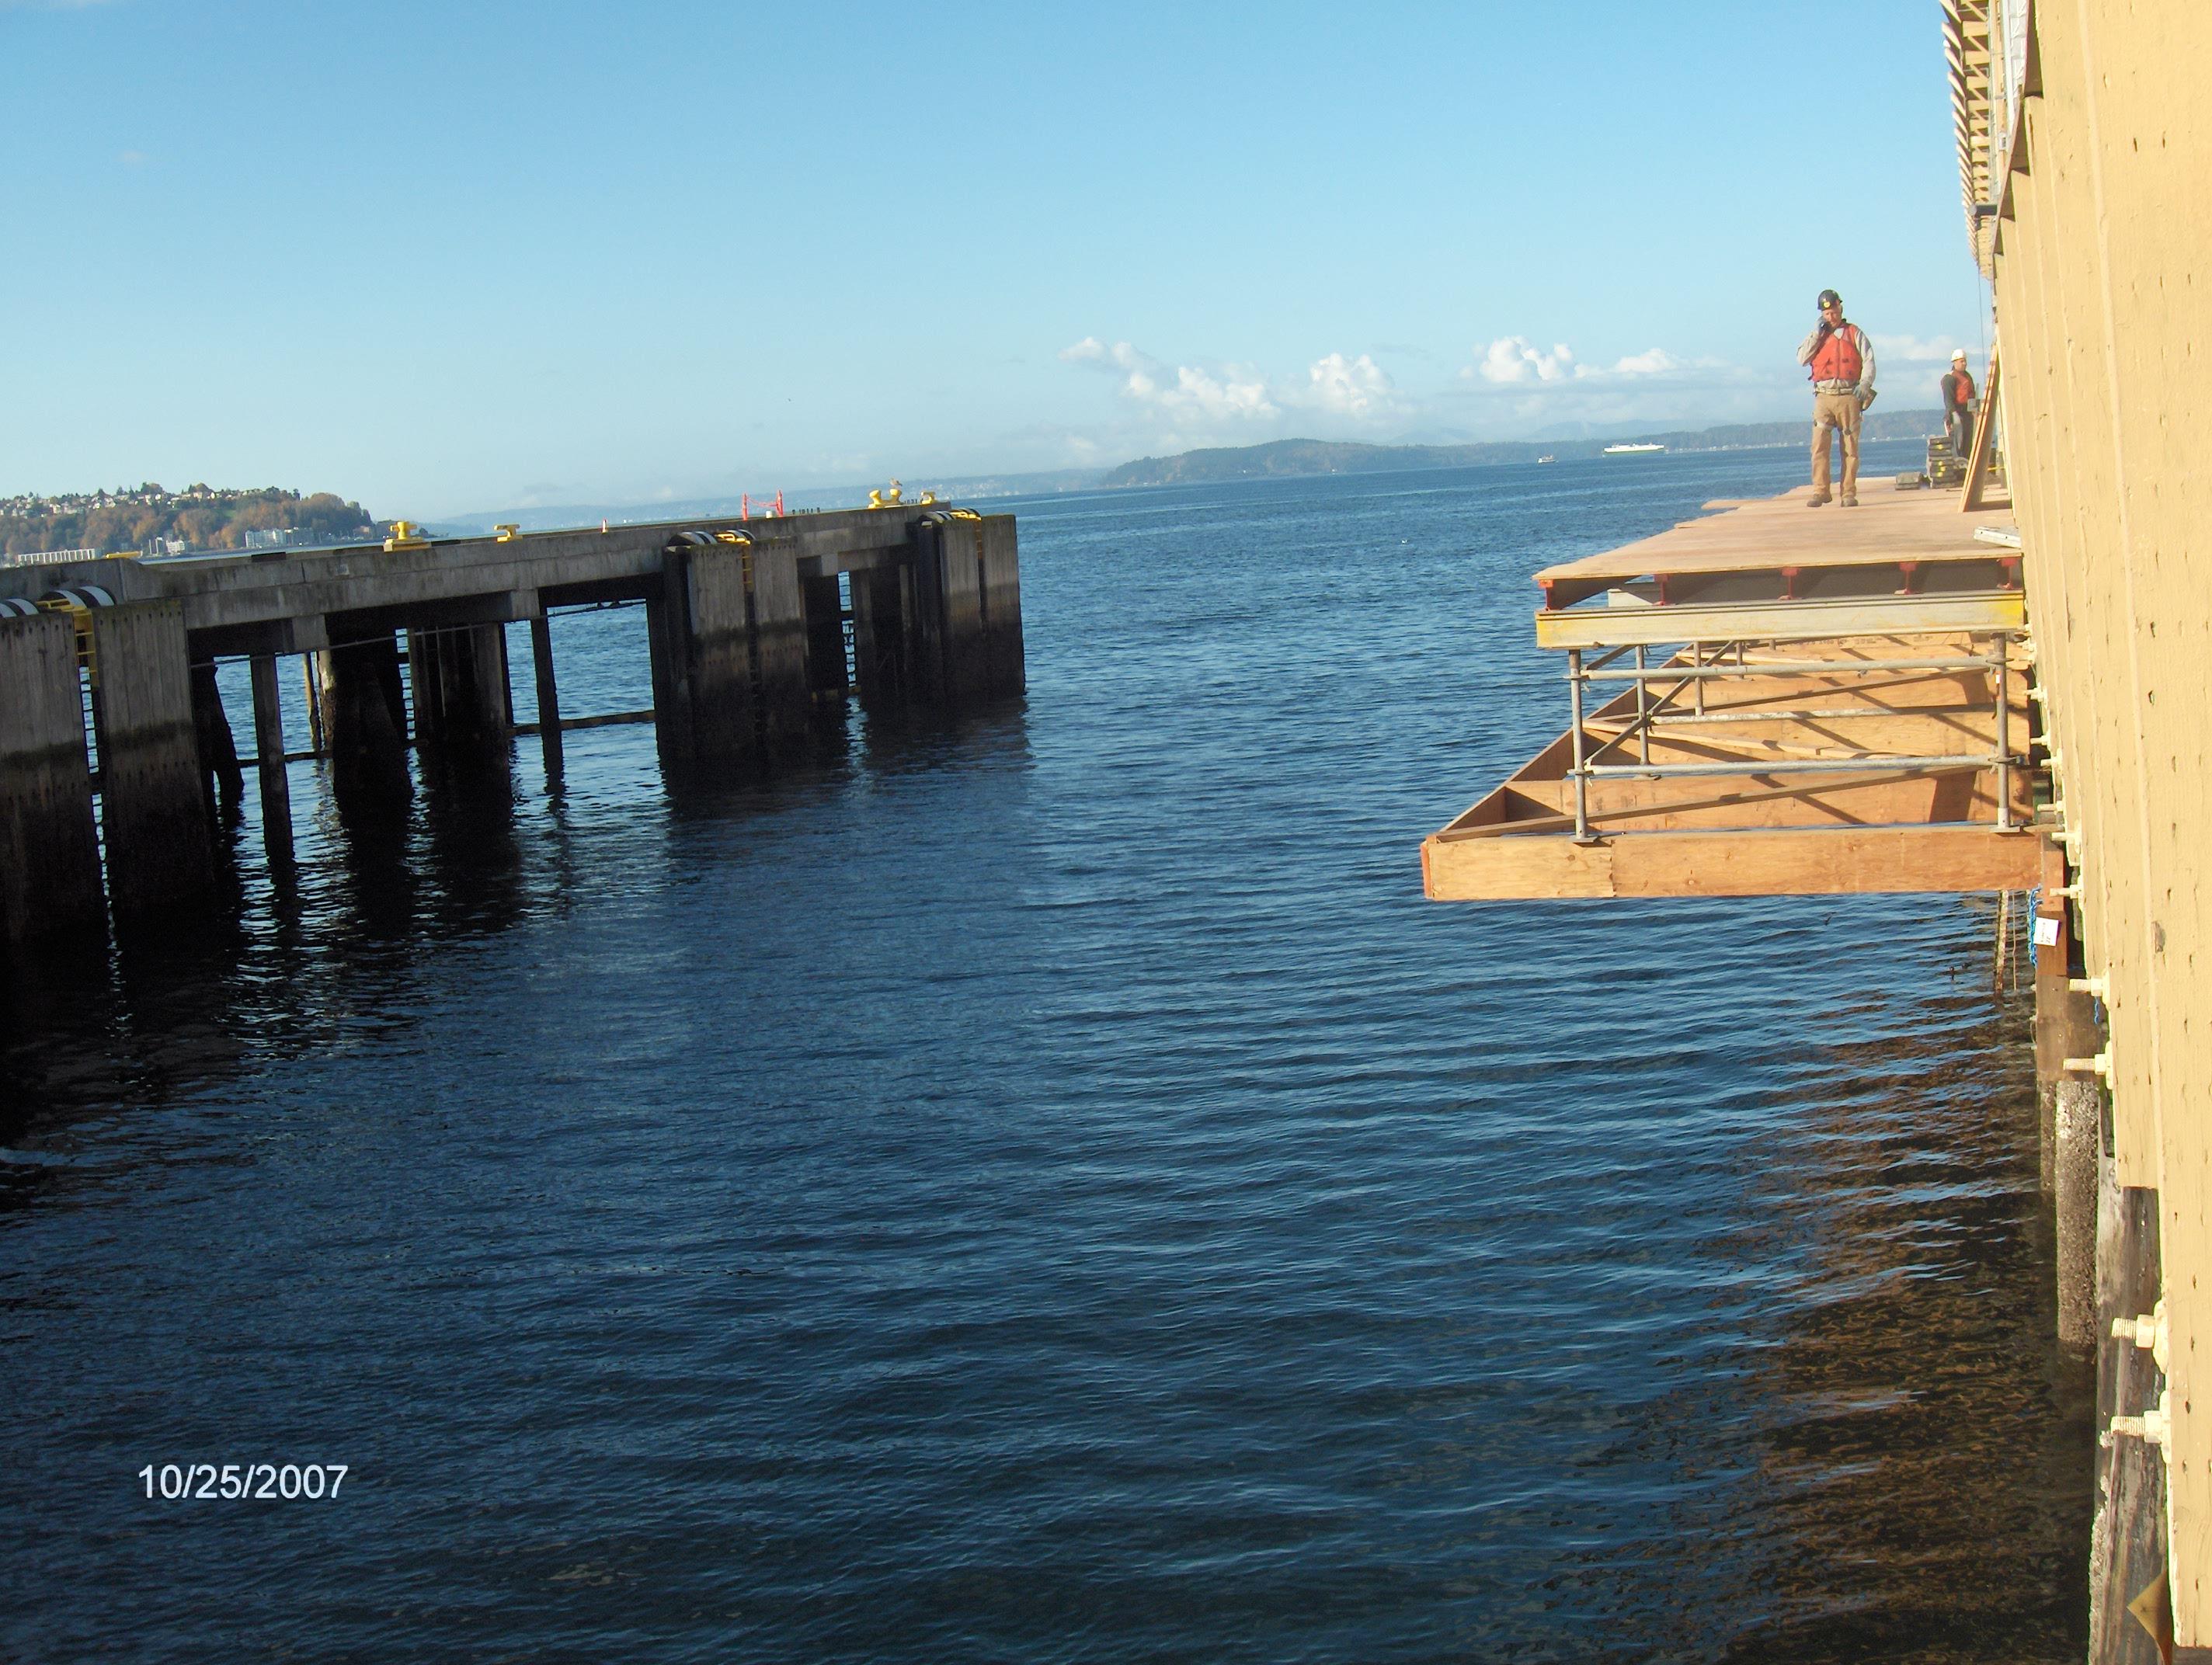 Pier construction repair